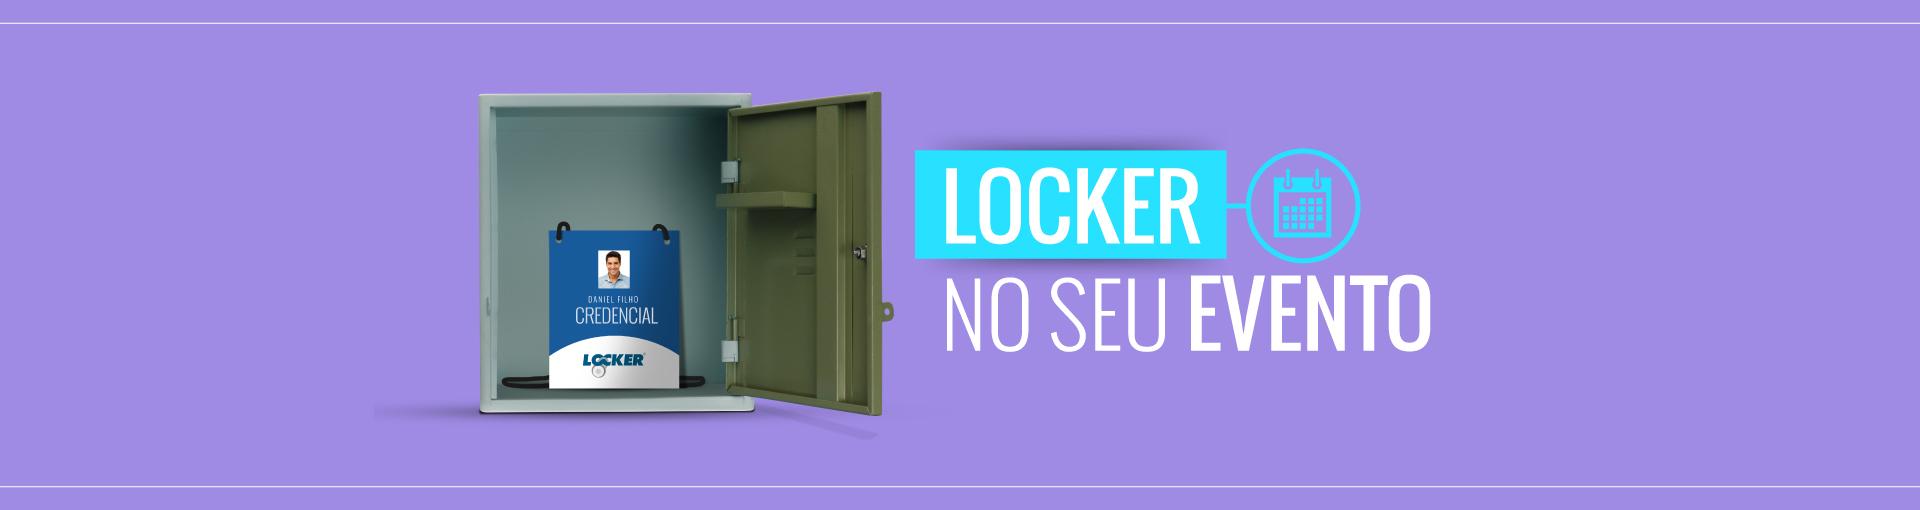 Locker-Header-Locker-no-seu-Evento